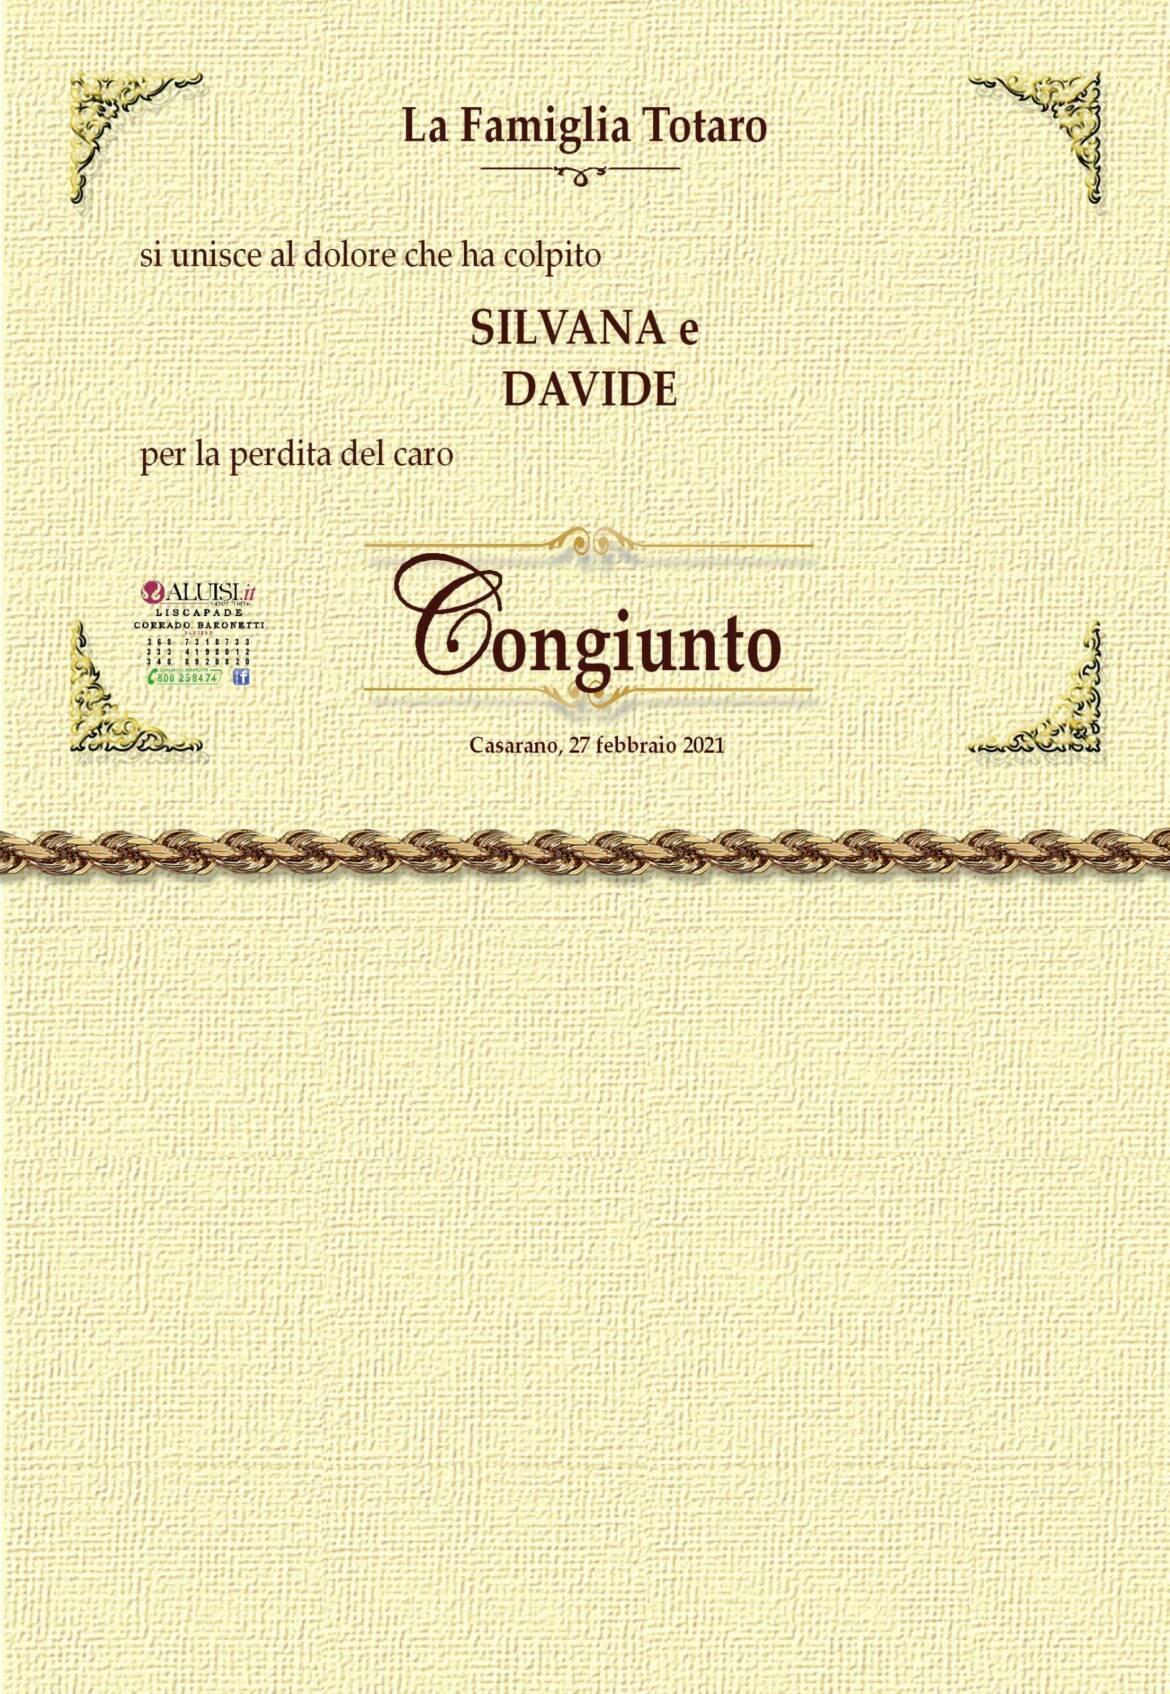 PARTECIPAZIONI-GIAMBATISTA-CASRANO12-scaled.jpg